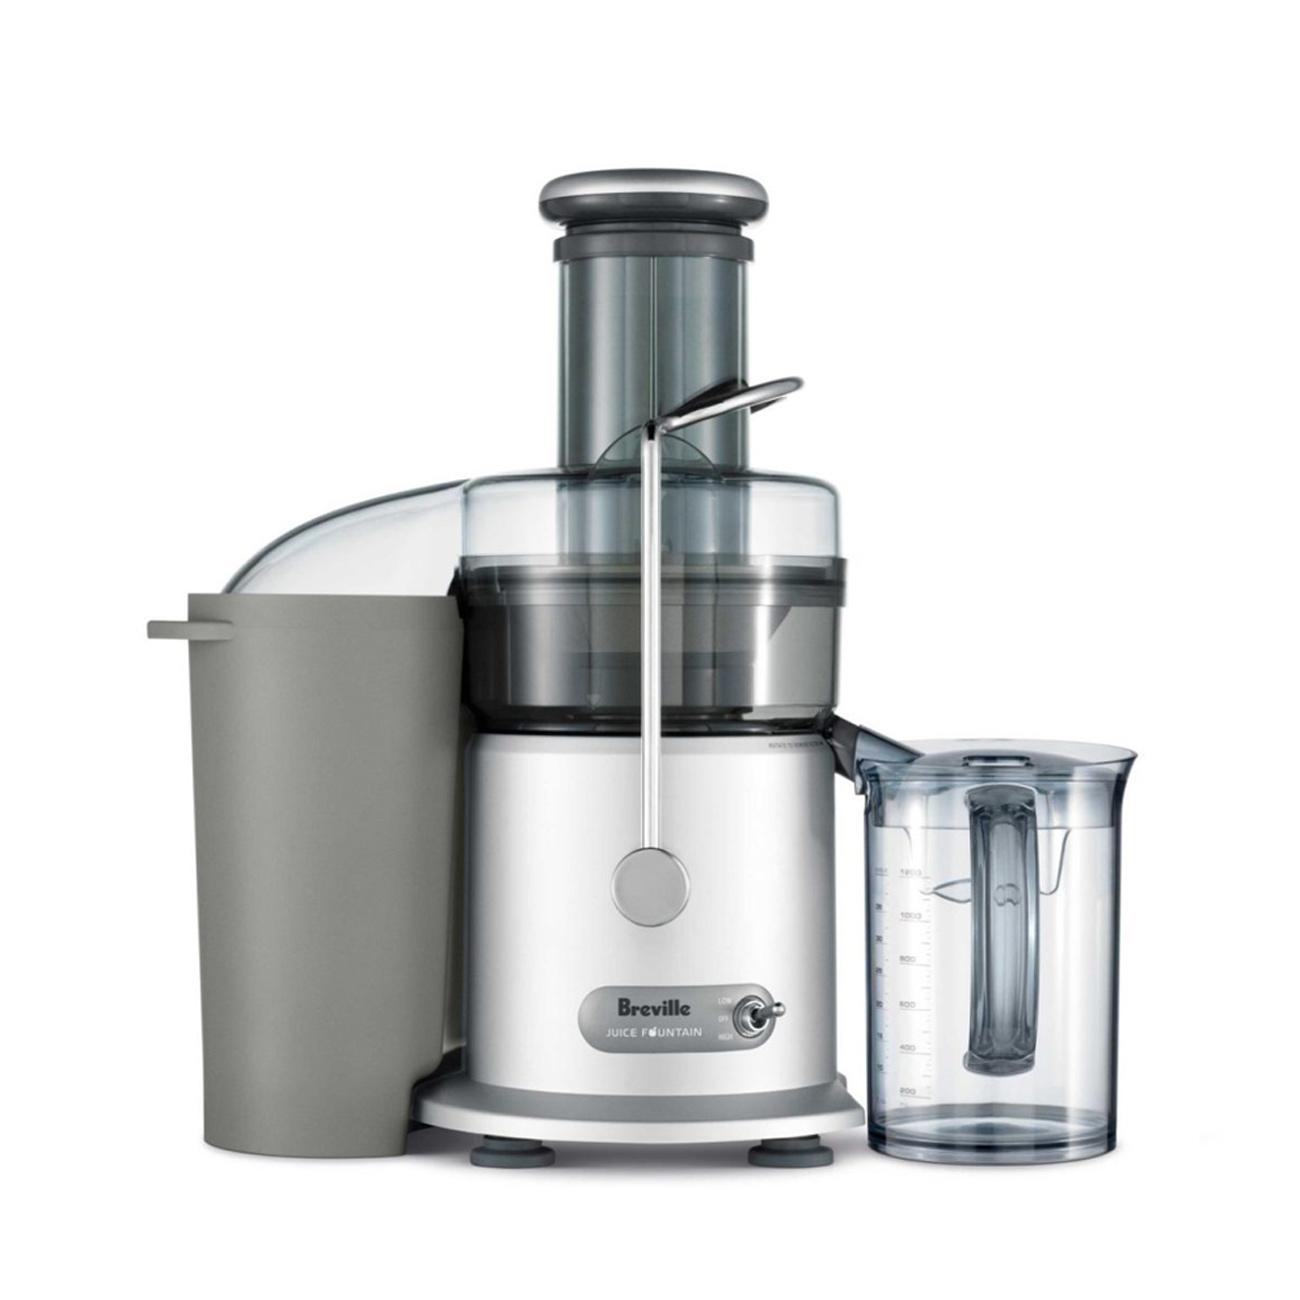 the juice fountain plus rh breville com breville juice fountain plus recipes breville juice fountain plus instructions